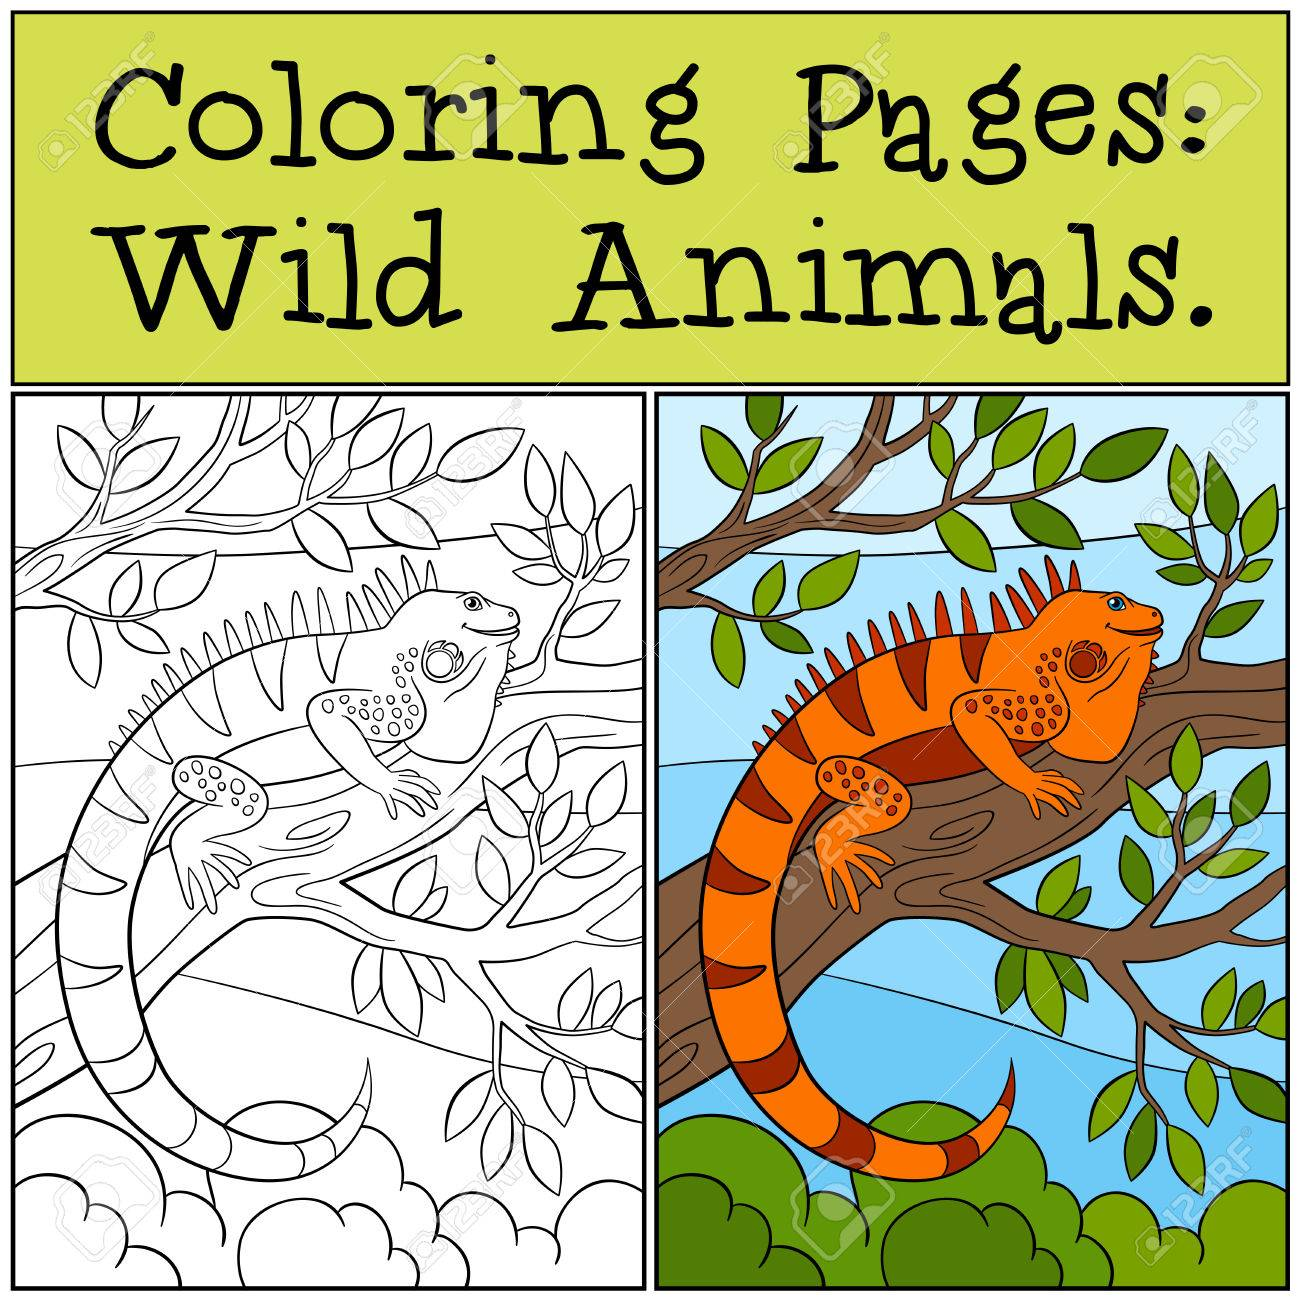 Malvorlagen: Wild Animals. Nette Orange Leguan Sitzt Auf Dem Ast Und ...